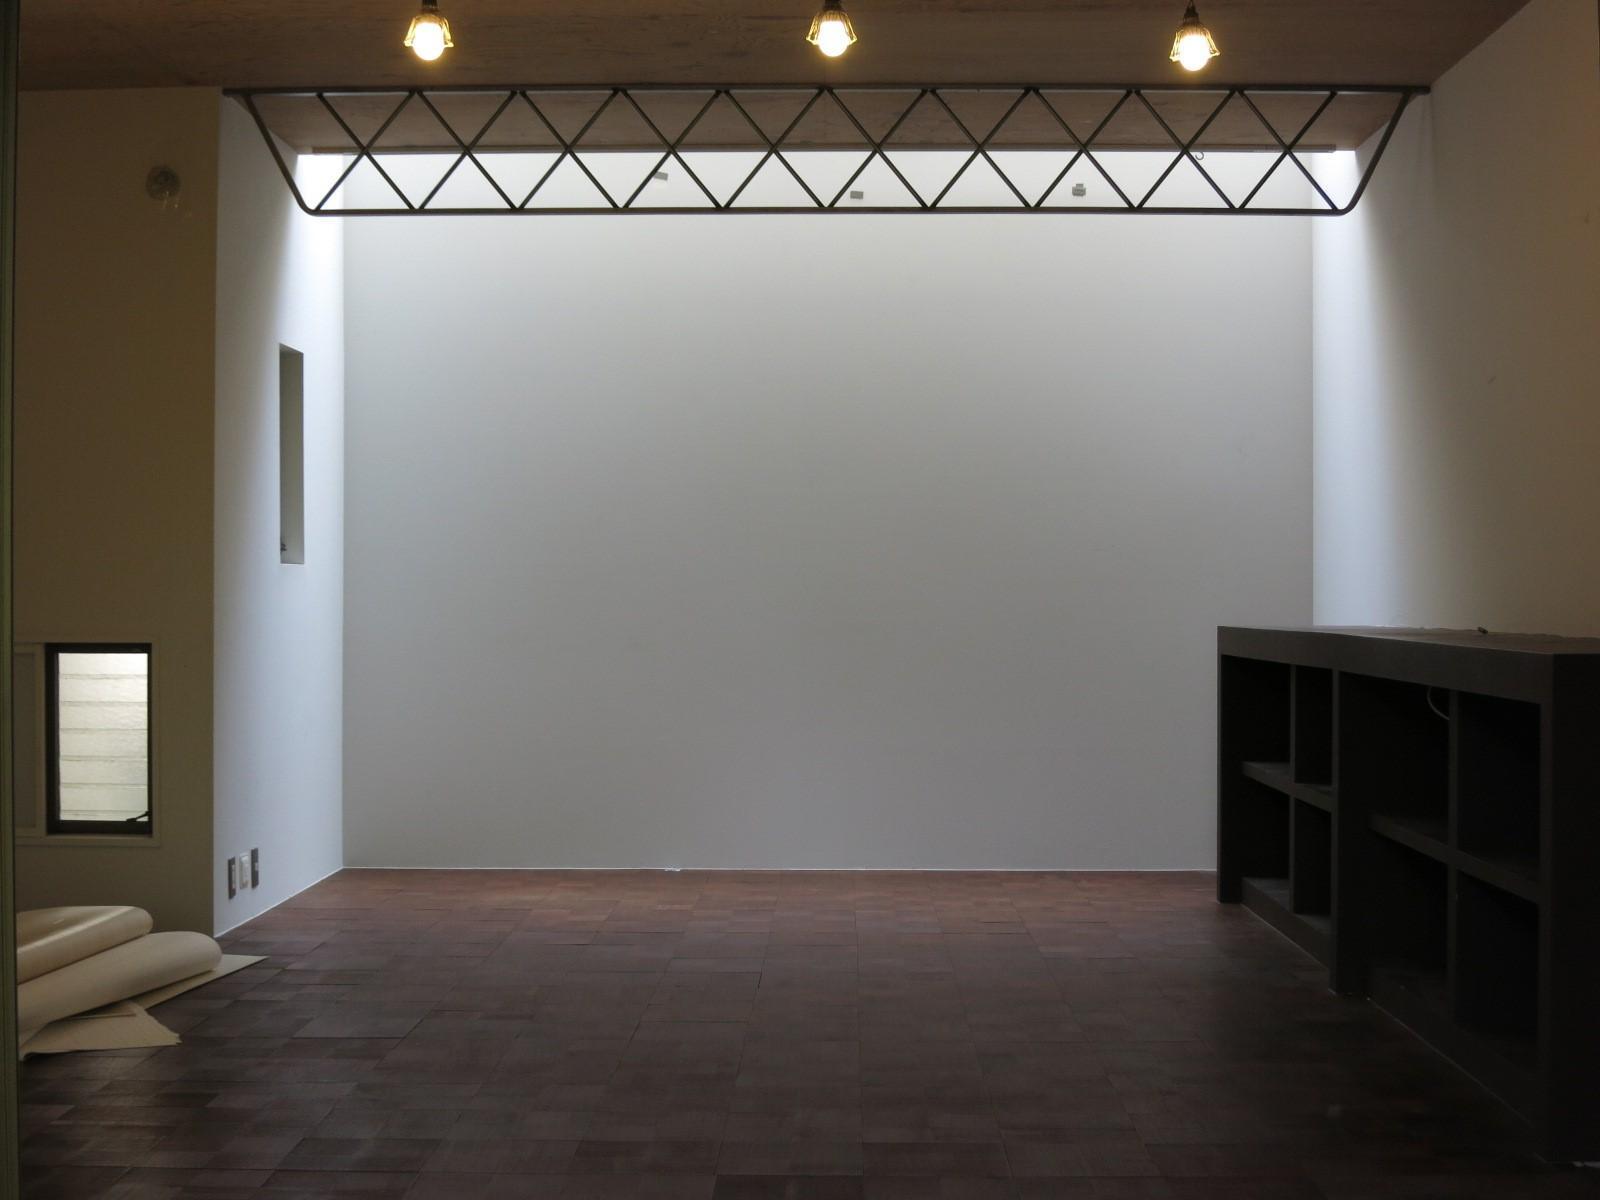 1階|洋室。撮影スタジオのよう。トップライトからの採光もあり。